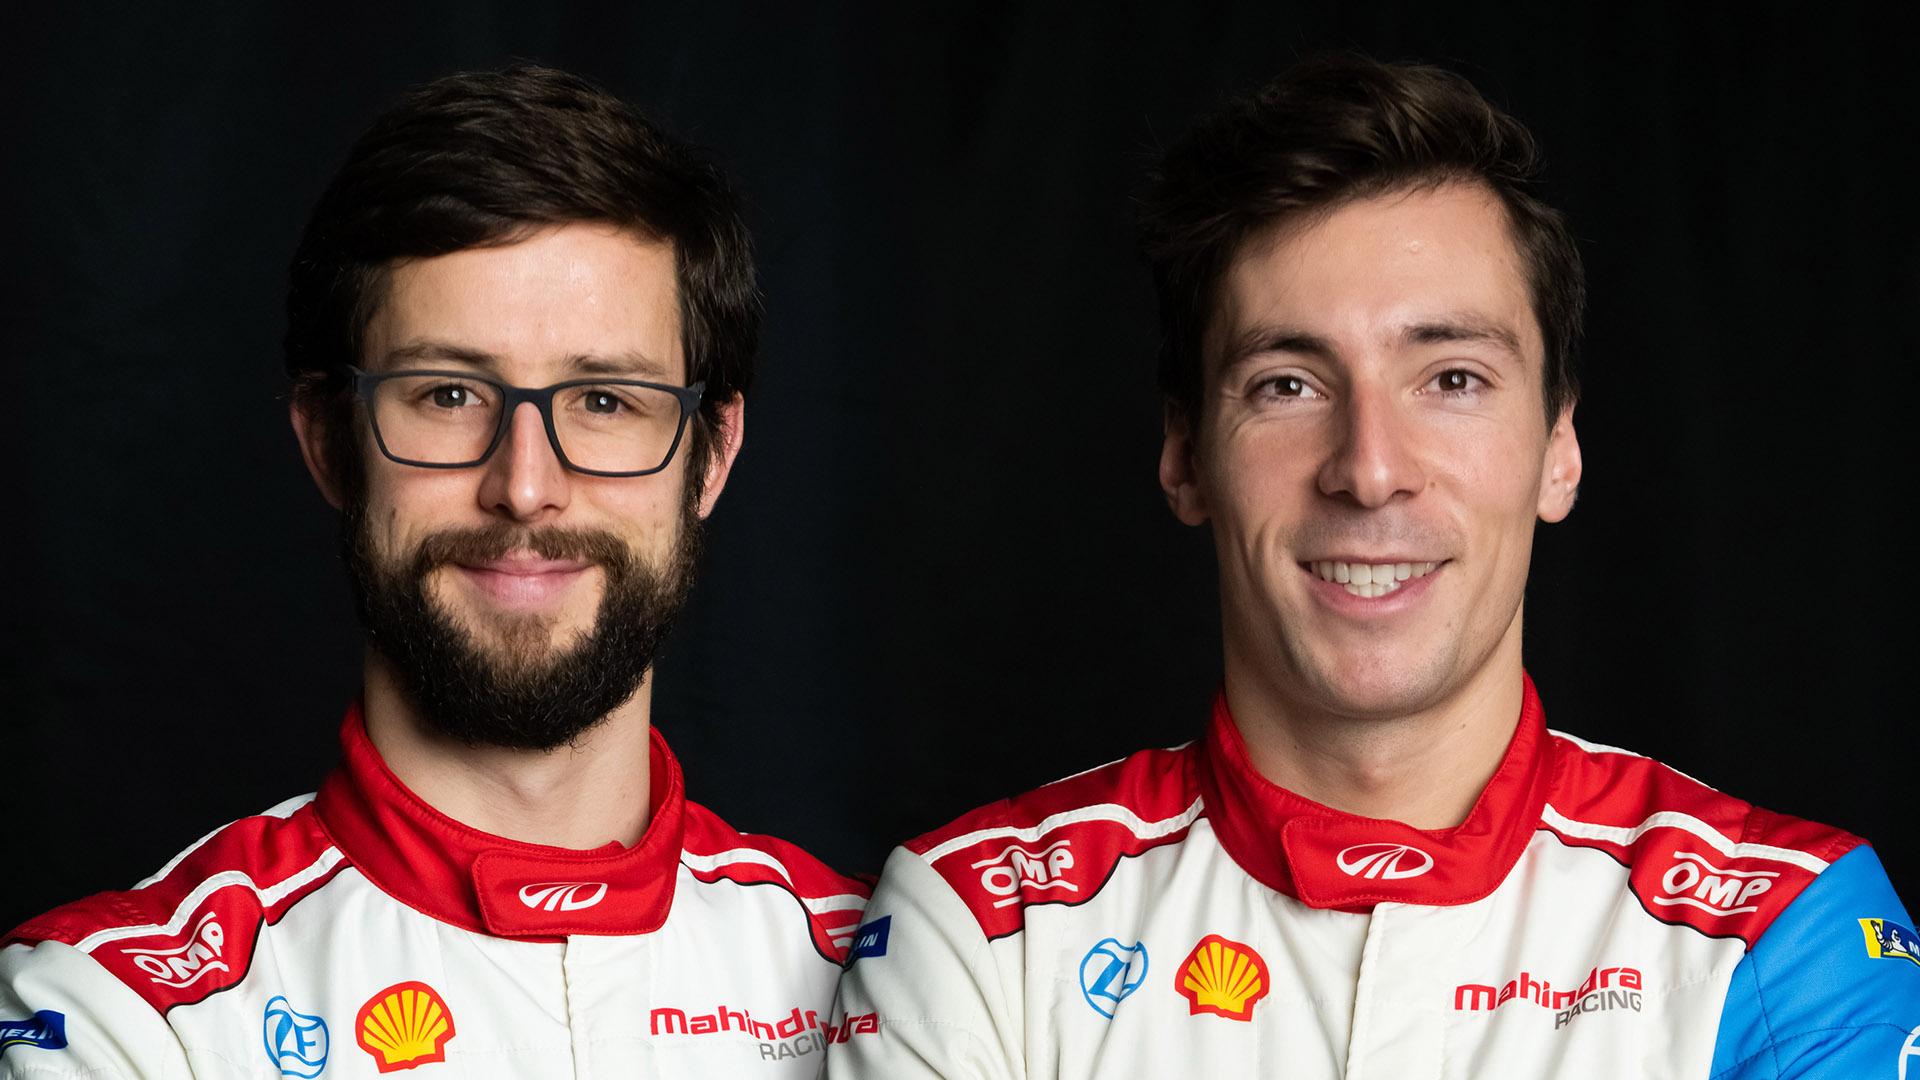 Mahindra Racing season 7 drivers